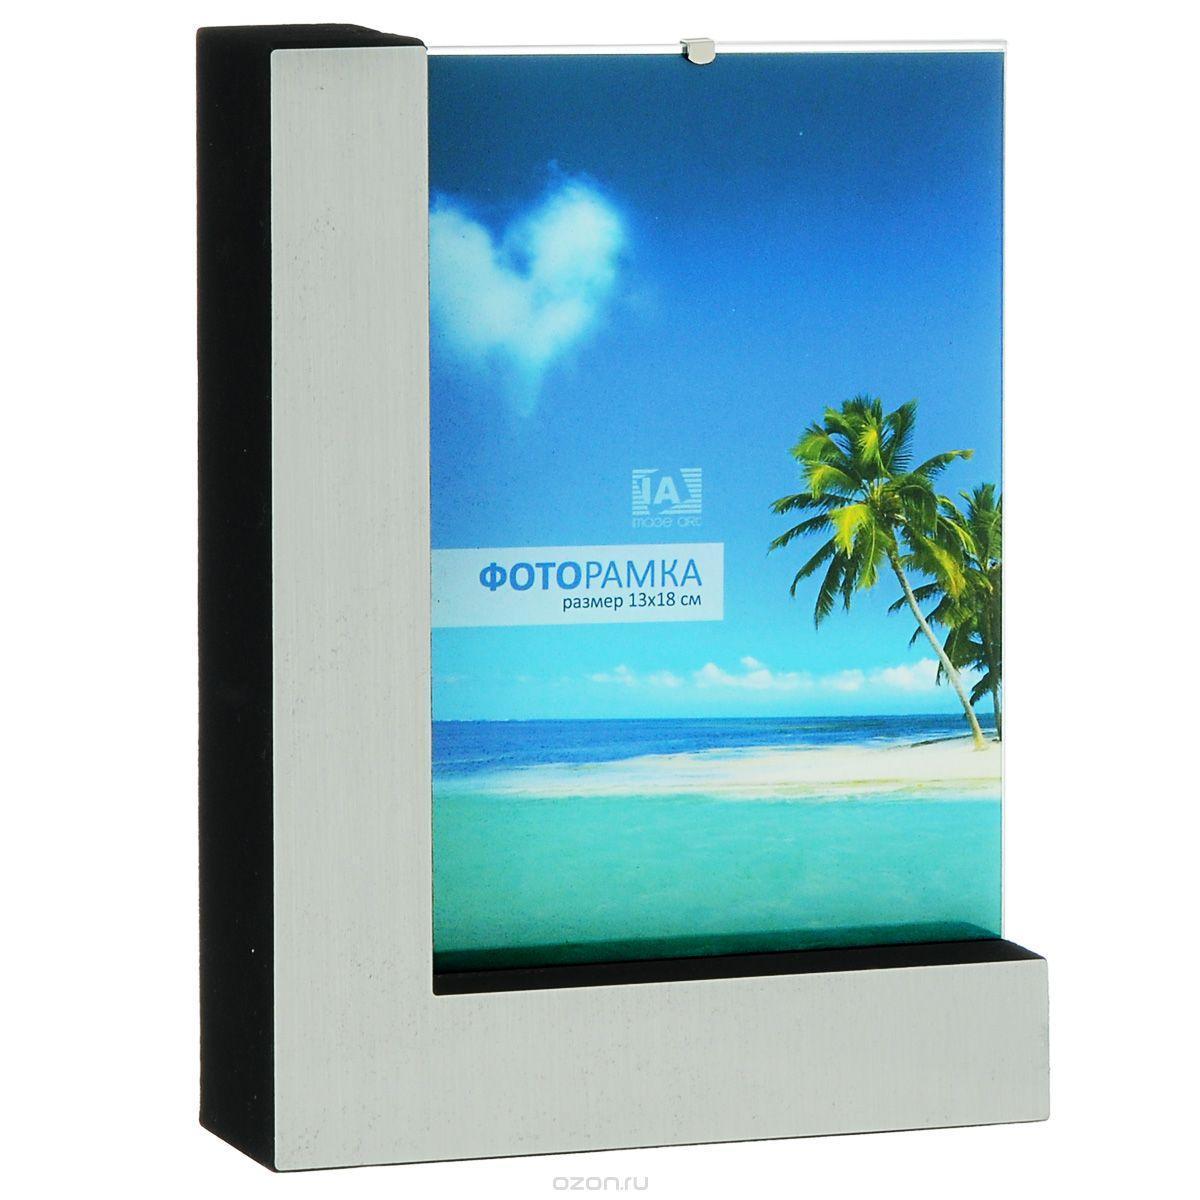 Фоторамка Image Art 6026-5S6026-5SФоторамка Image Art - прекрасный способ красиво оформить ваши фотографии. Изделие рассчитано на 2 фотографии. Фоторамка выполнена из металла и защищена стеклом. Фоторамку можно поставить на стол или подвесить на стену, для чего с задней стороны предусмотрены специальные отверстия. Такая фоторамка поможет сохранить на память самые яркие моменты вашей жизни, а стильный дизайн сделает ее прекрасным дополнением интерьера.